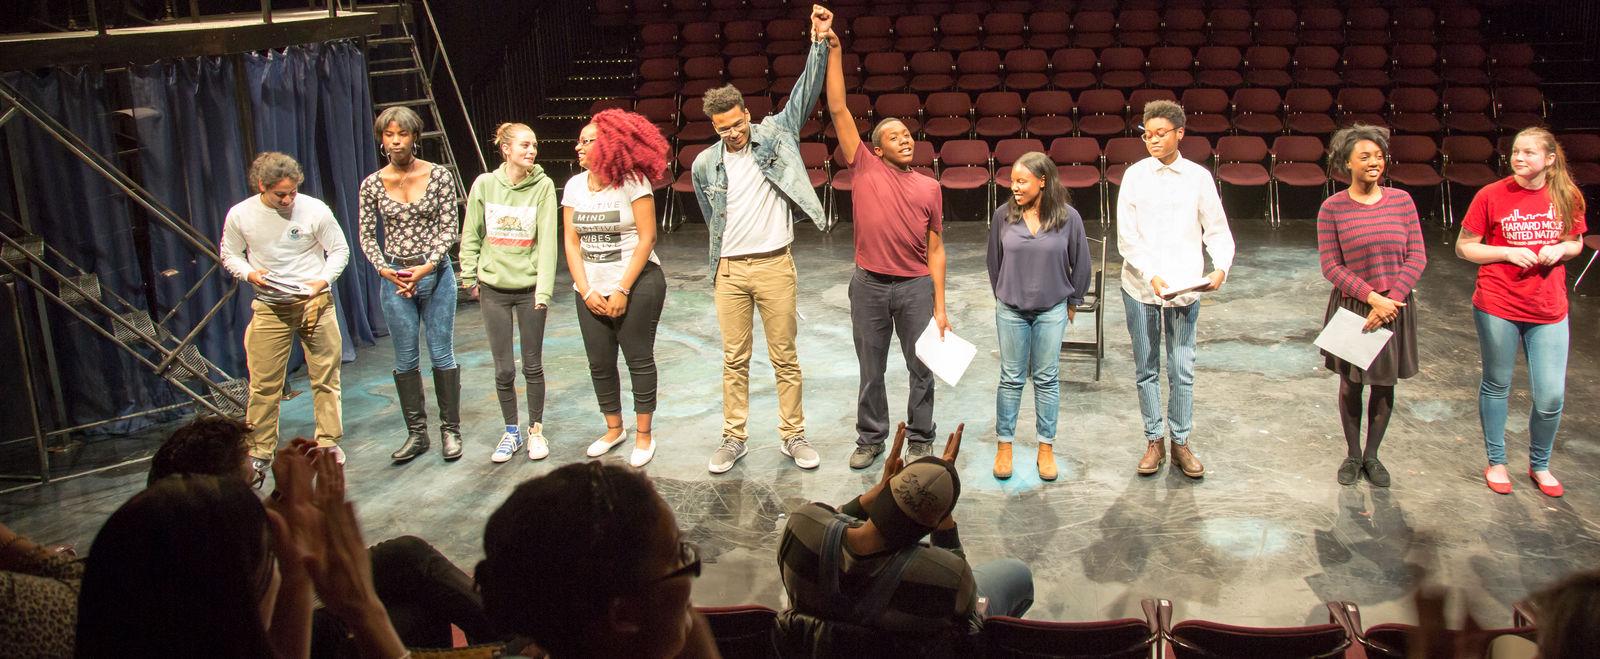 Huntington Students on stage